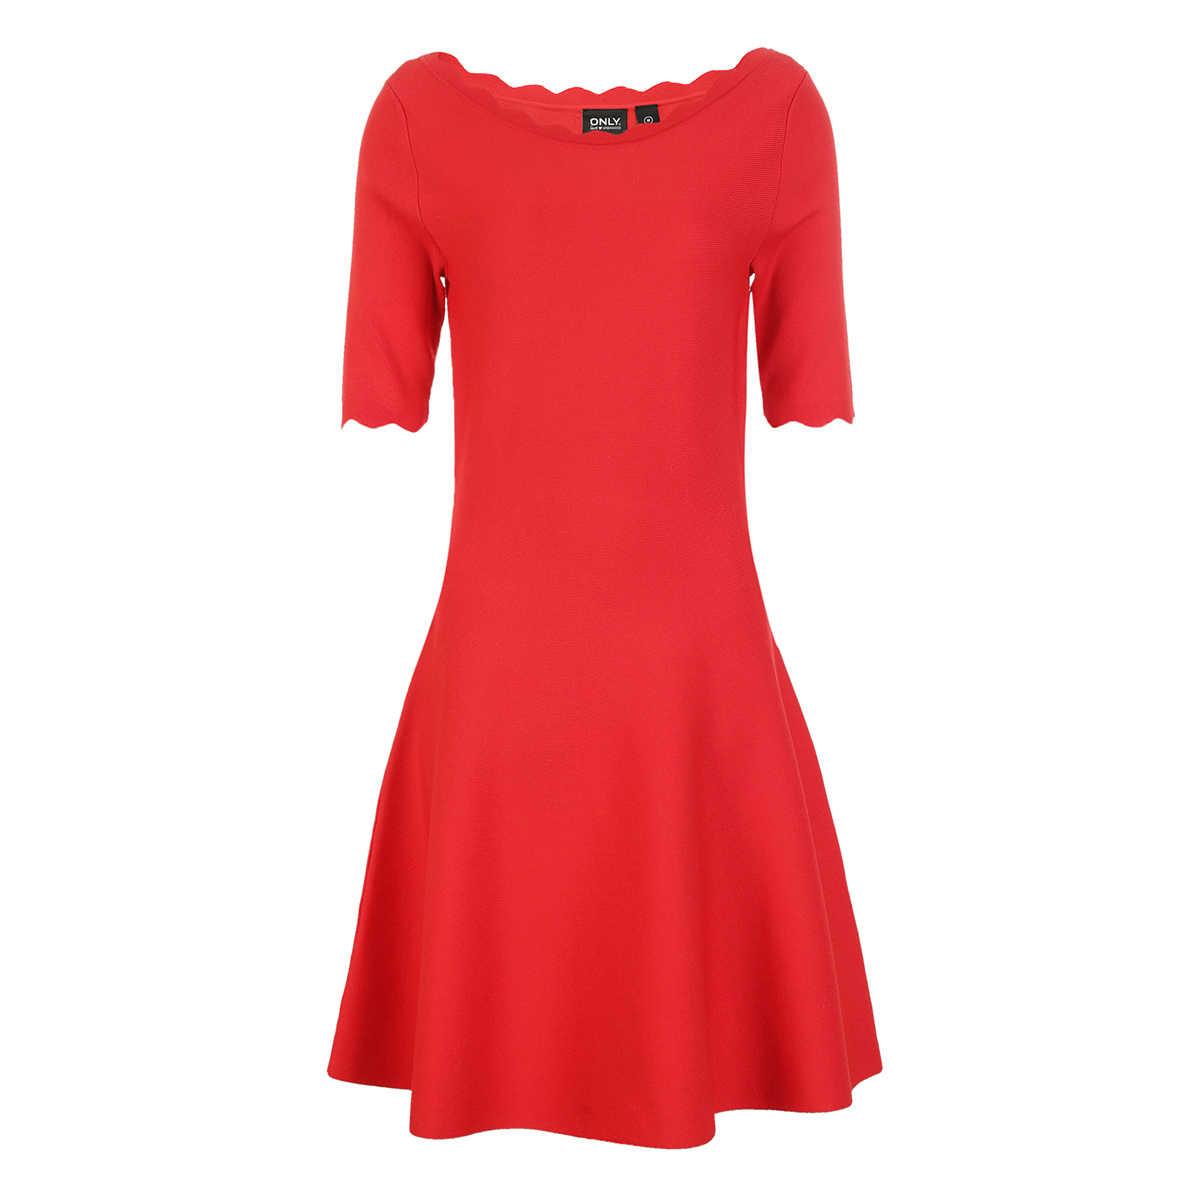 のみ 2019 春 & 夏の女性のドレス赤エレガントなドレスラウンドネック A ラインレッドニットドレス   118146523